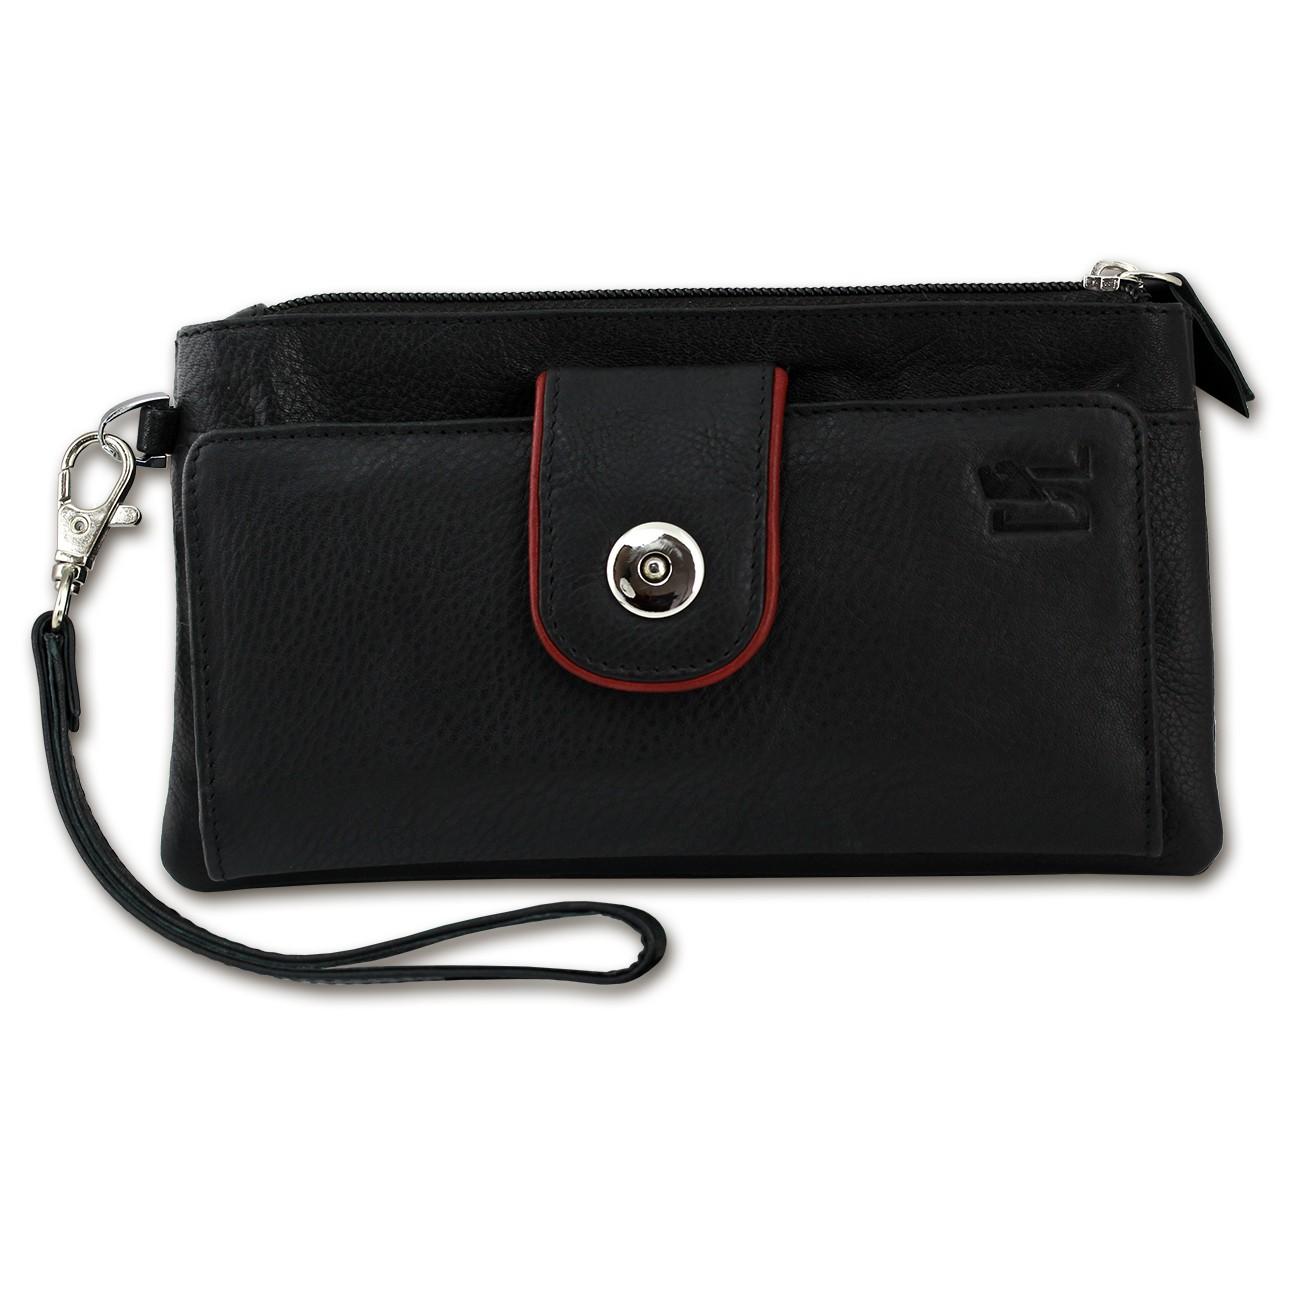 Geldbörse Handyhülle Clutch Leder schwarz Wristlet 3in1 DrachenLeder OTZ500S